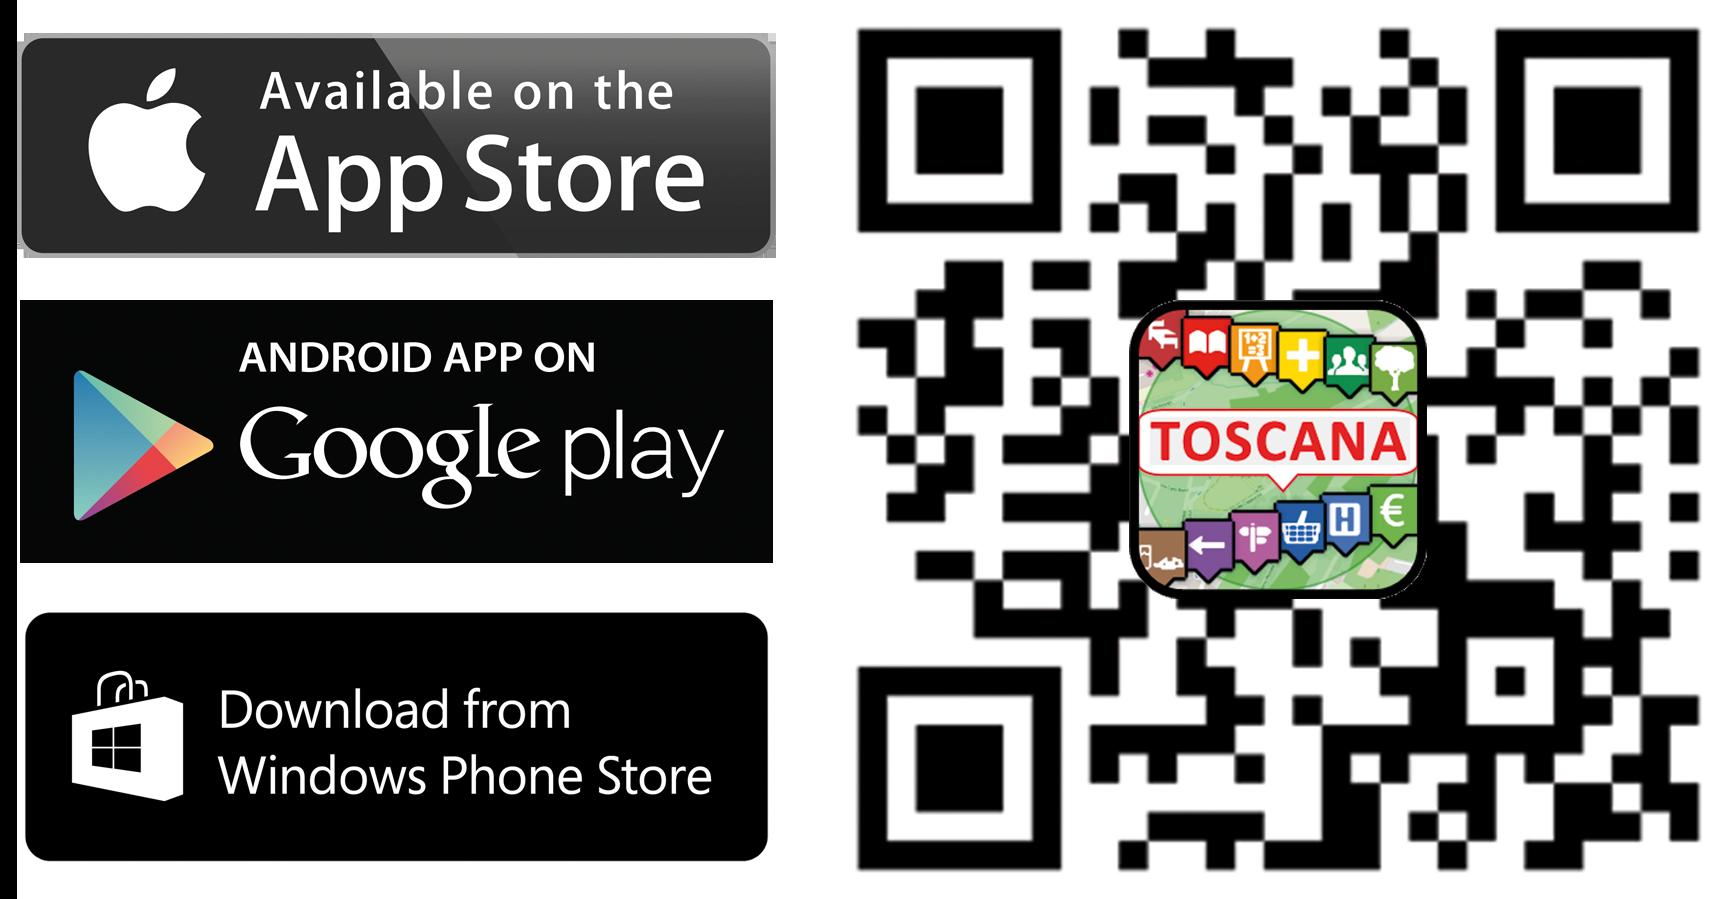 QRCode app store TOSCANA